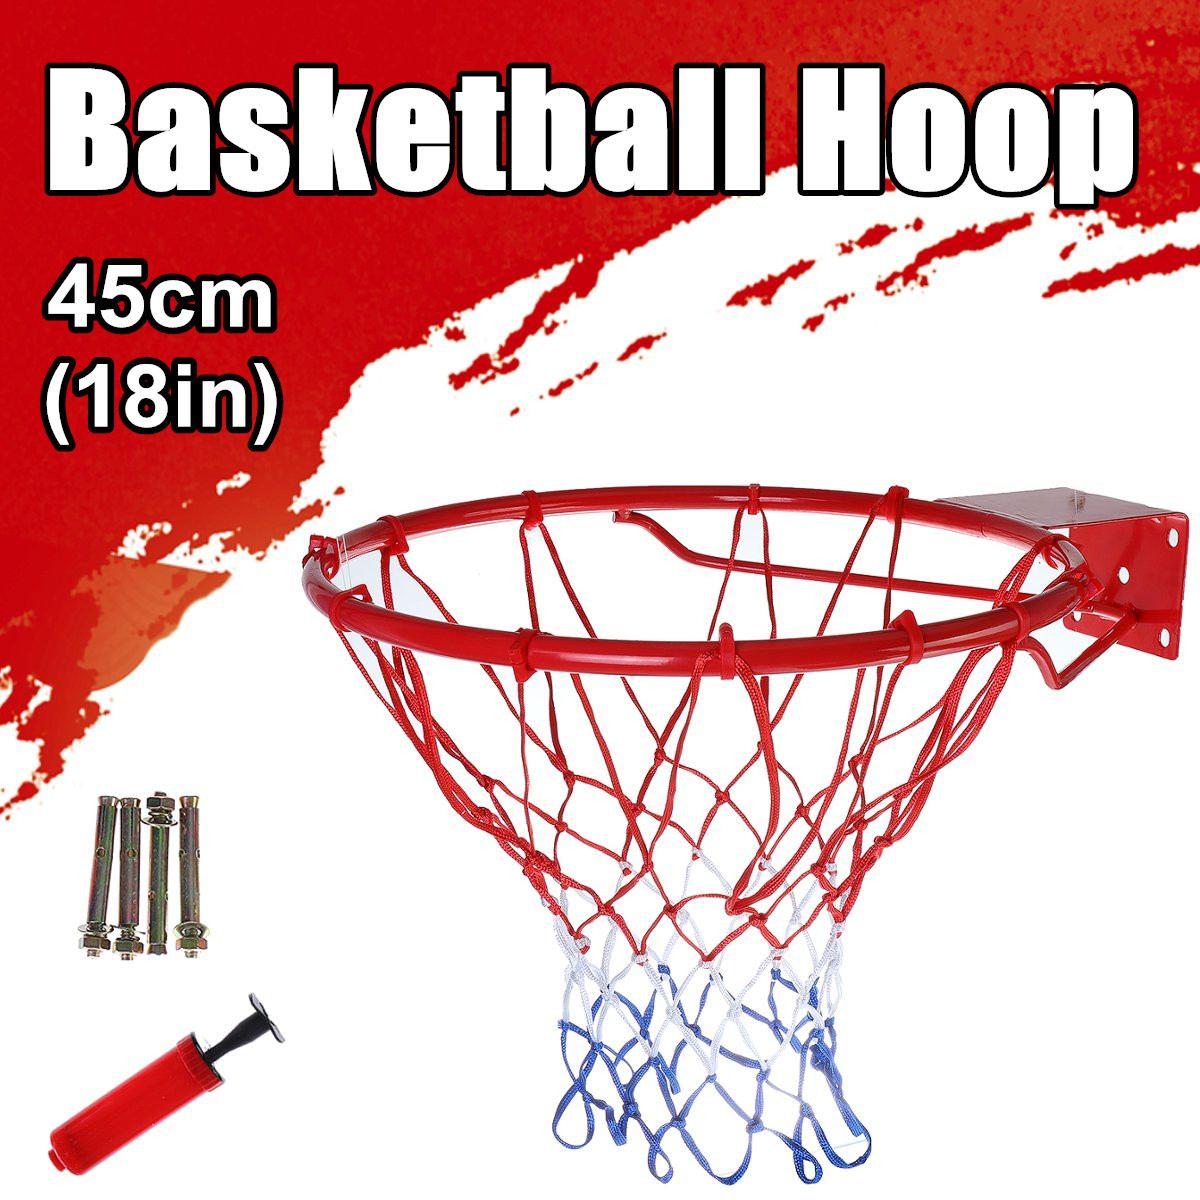 Спортивная баскетбольная игра мяч кольцо обруч Стенд задняя доска корзина для взрослых детей полностью твердый металлический пружинный тр...